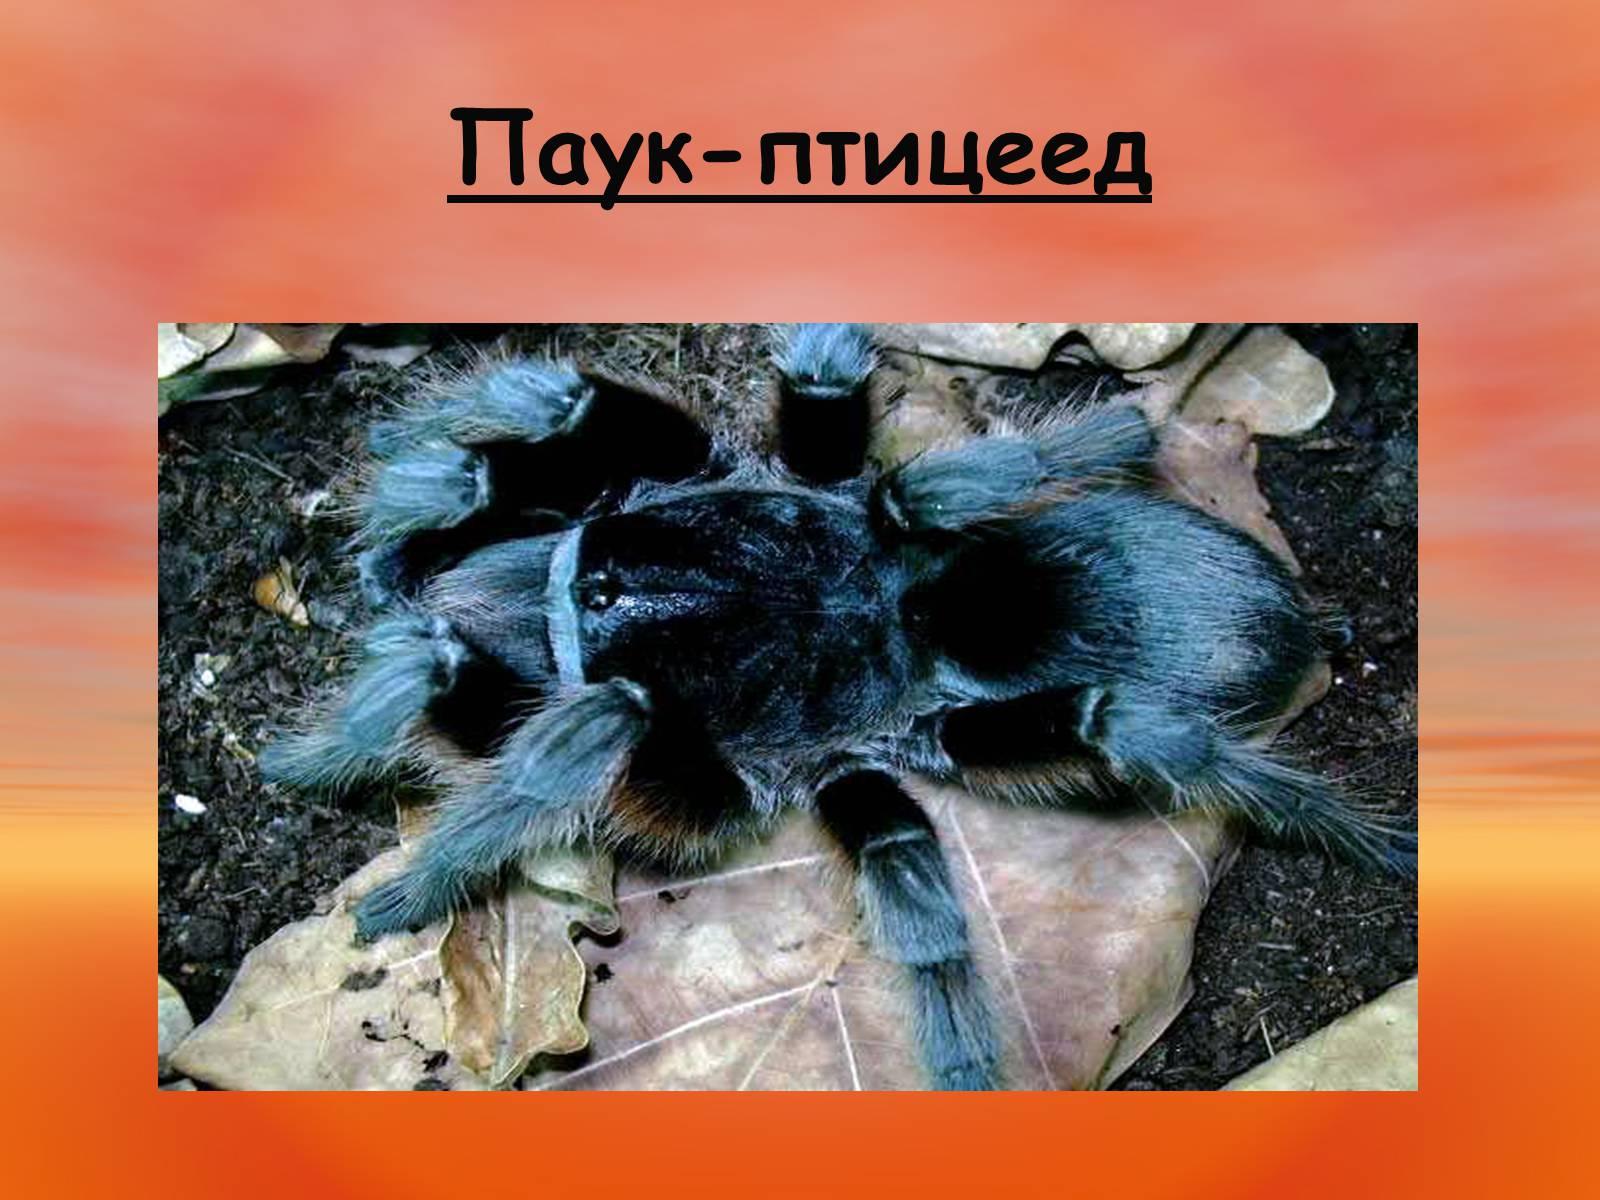 реальности чего паук птицеед картинка и описание будет моде